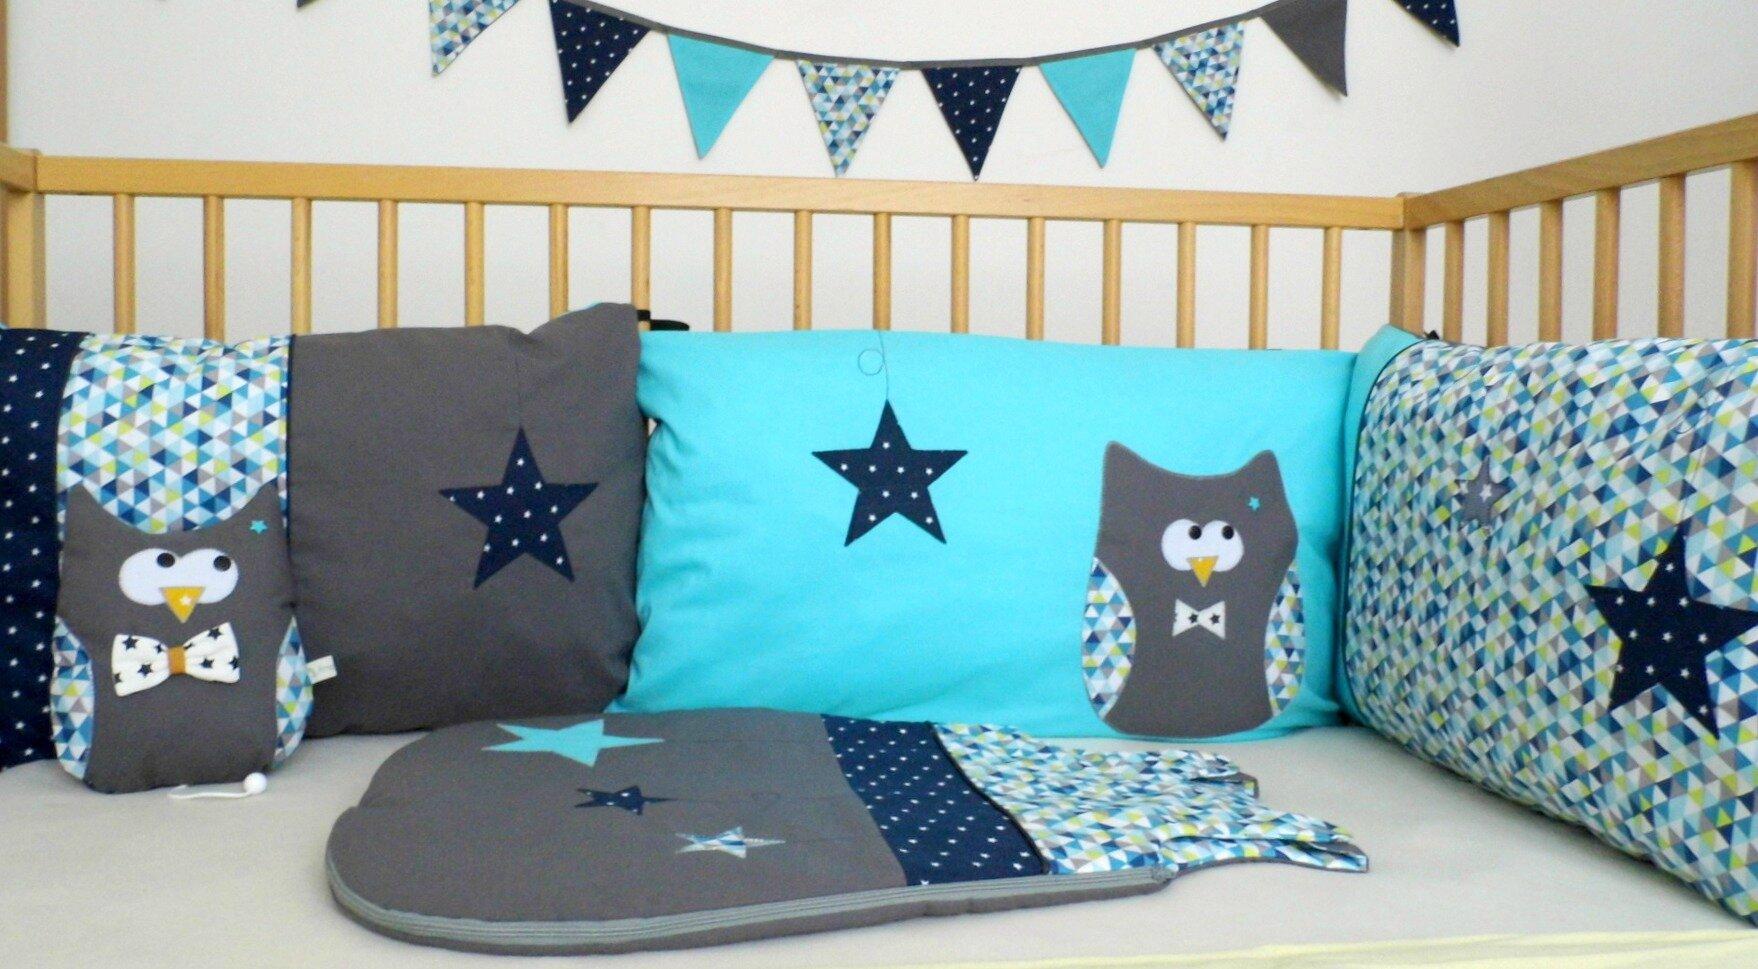 Liste de naissance créateur thême hiboux étoiles gris bleu turquoise